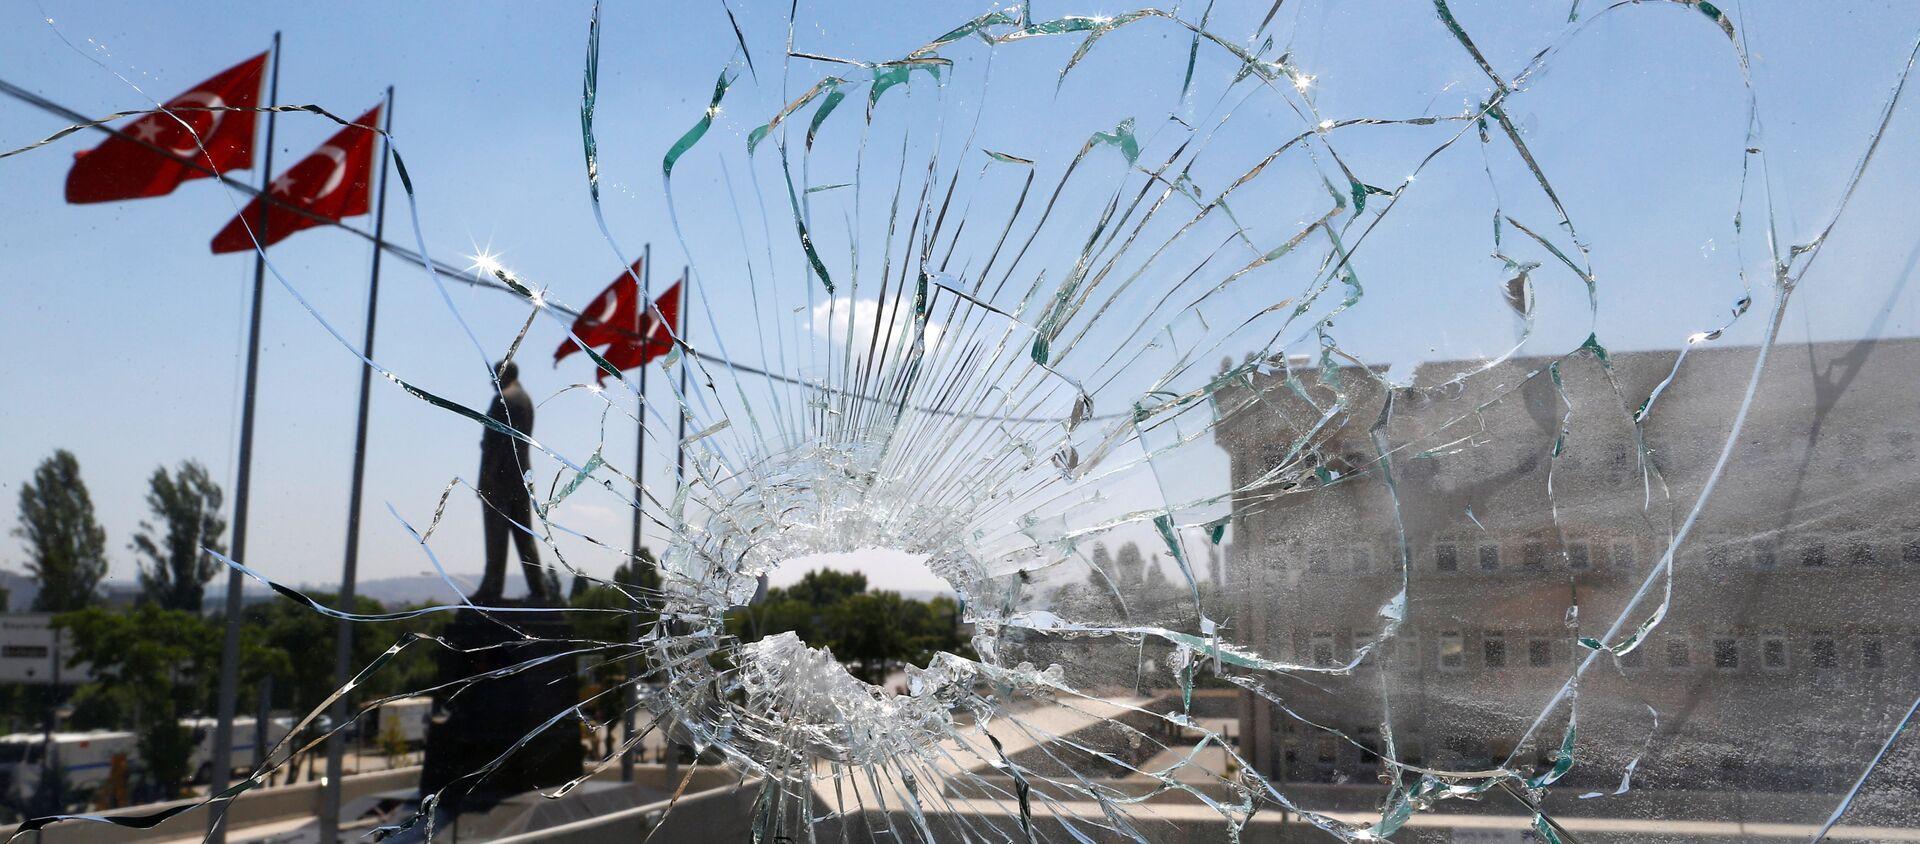 El golpe de Estado en Turquía - Sputnik Mundo, 1920, 05.02.2021